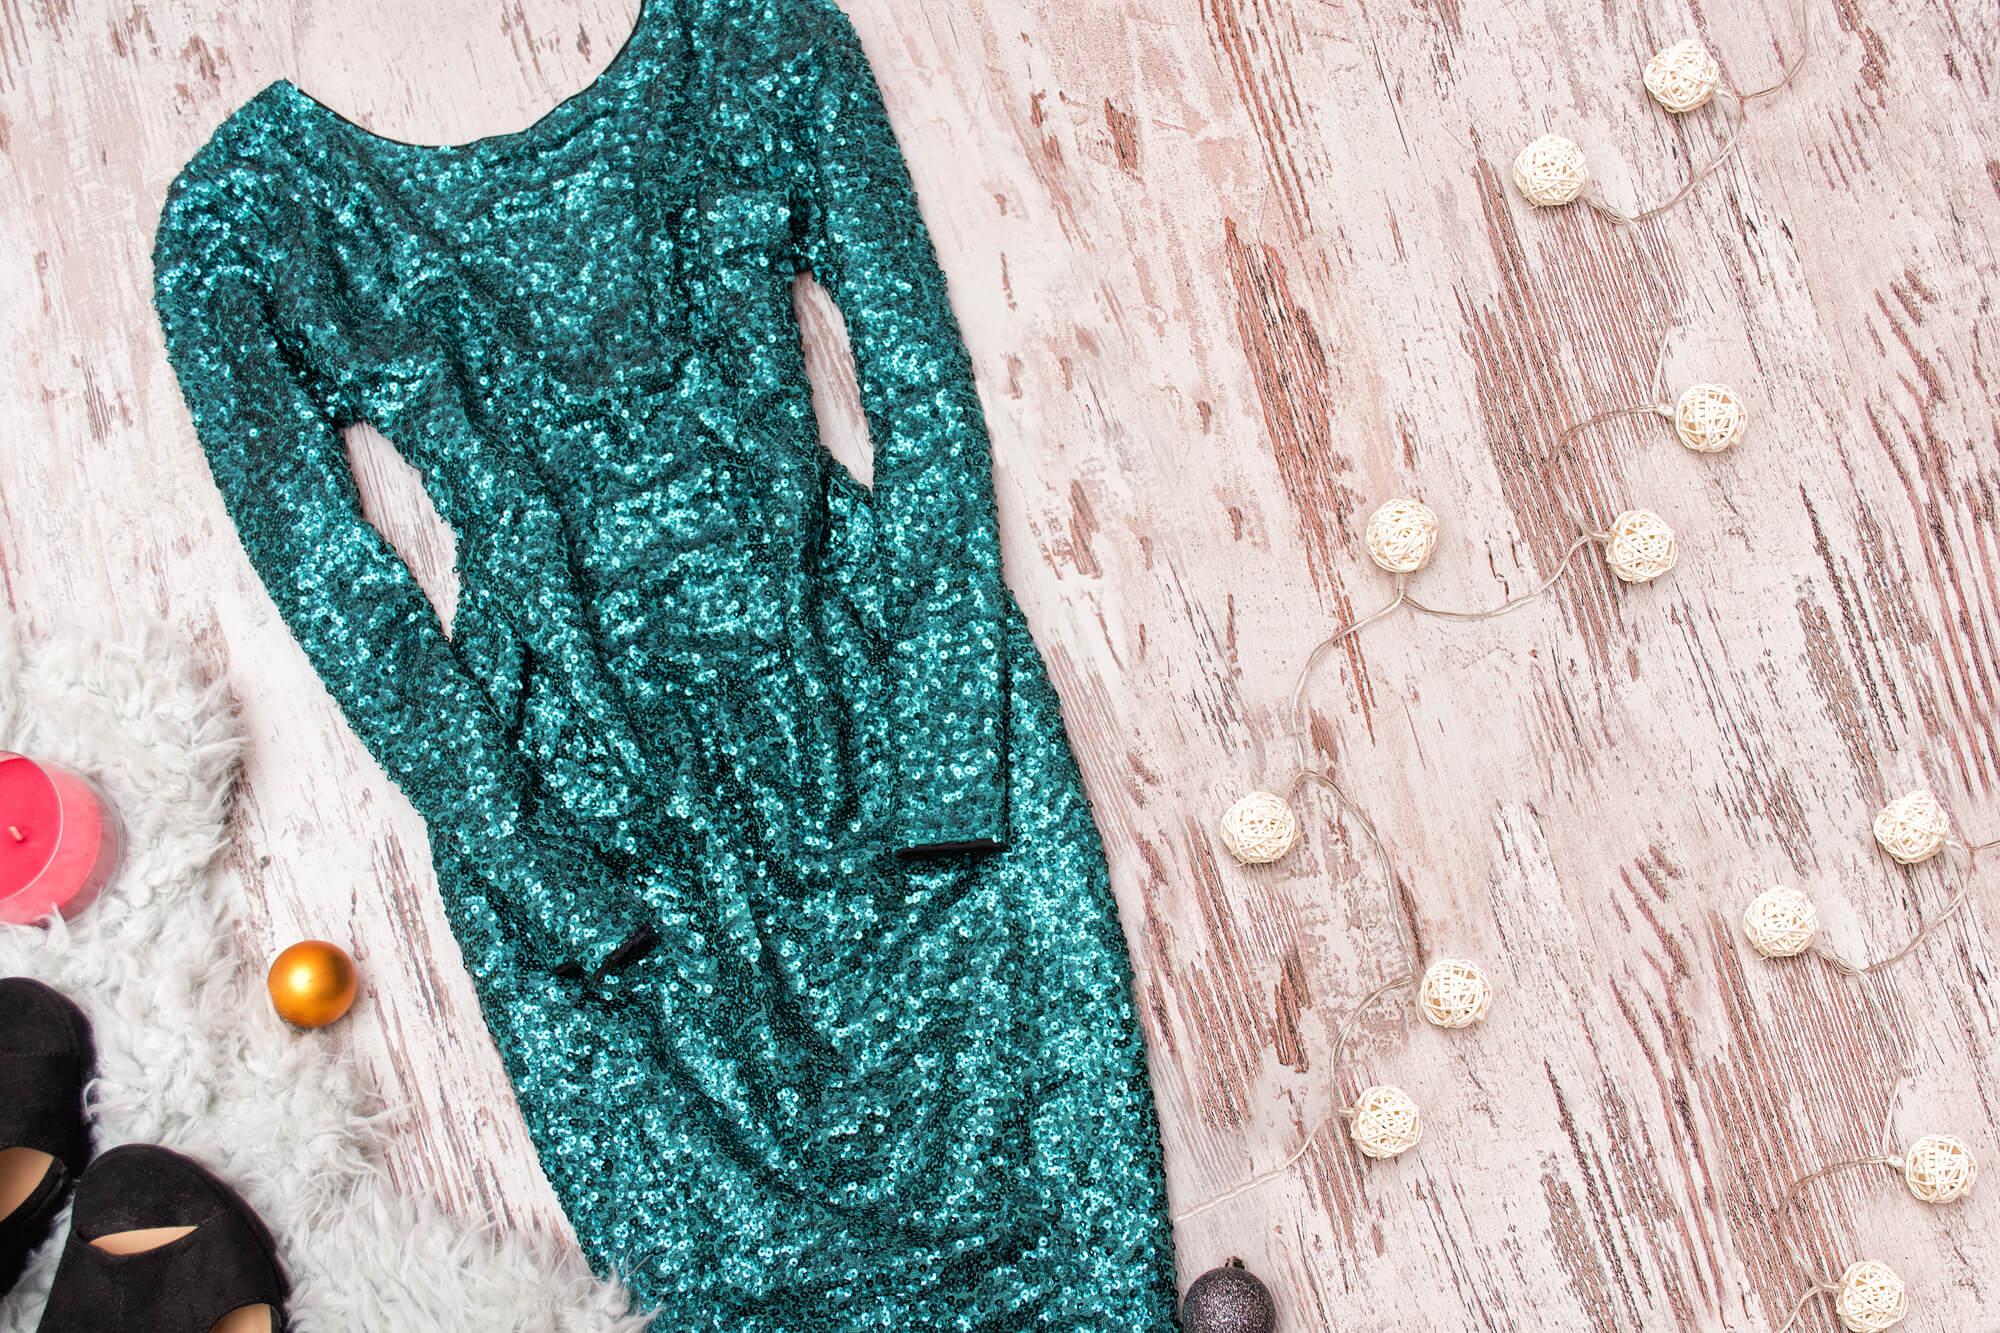 落ち着き感あるグリーンのレンタルドレス